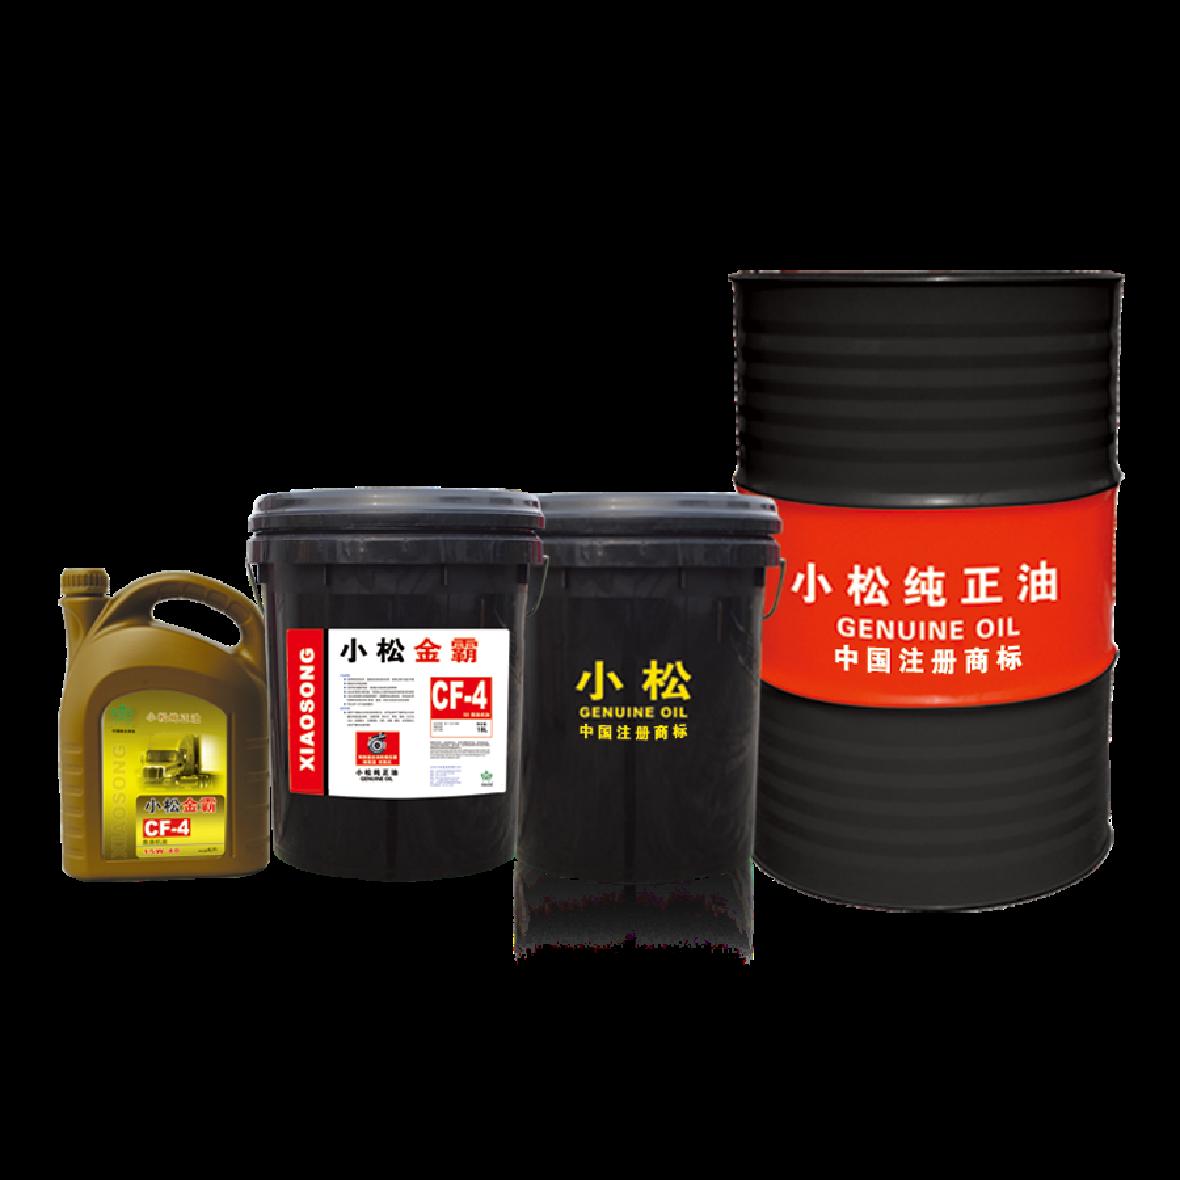 小松金霸系列柴油机油 API CF-4